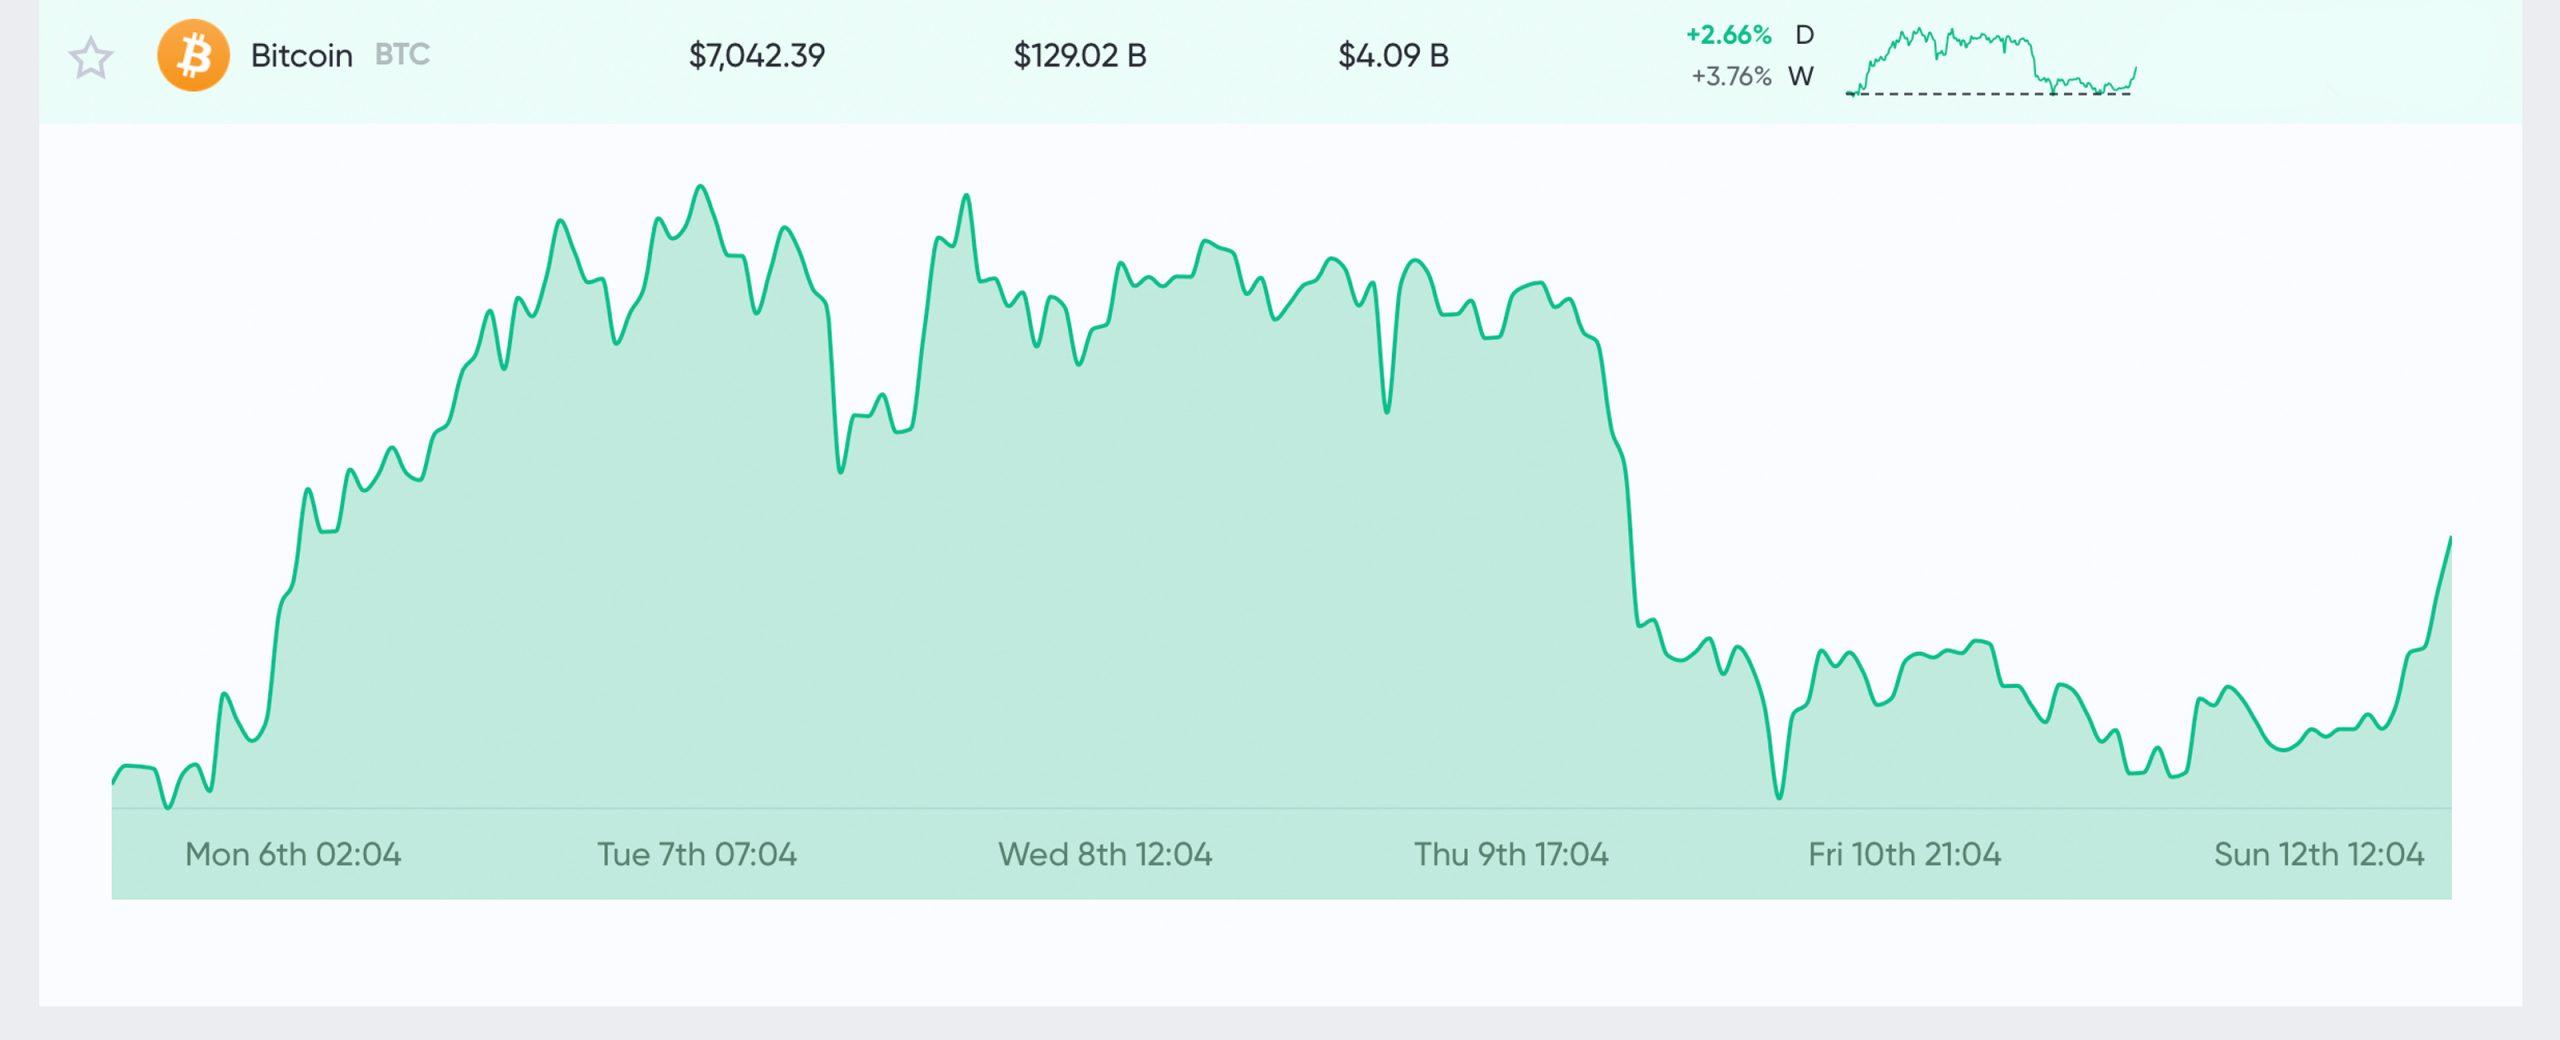 """Los intercambios de cifrado ven las reservas de Bitcoin caer en un 70% desde la salida del mercado del jueves negro """"width ="""" 2560 """"height ="""" 1040 """" srcset = """"https://blackswanfinances.com/wp-content/uploads/2020/04/tric-scaled.jpg 2560w, https://news.bitcoin.com/wp-content/uploads/2020/04/ tric-300x122.jpg 300w, https://news.bitcoin.com/wp-content/uploads/2020/04/tric-1024x416.jpg 1024w, https://news.bitcoin.com/wp-content/uploads/ 2020/04 / tric-768x312.jpg 768w, https://news.bitcoin.com/wp-content/uploads/2020/04/tric-1536x624.jpg 1536w, https://news.bitcoin.com/wp- content / uploads / 2020/04 / tric-2048x832.jpg 2048w, https://news.bitcoin.com/wp-content/uploads/2020/04/tric-696x283.jpg 696w, https: //news.bitcoin. com / wp-content / uploads / 2020/04 / tric-1392x566.jpg 1392w, https://news.bitcoin.com/wp-content/uploads/2020/0 4 / tric-1068x434.jpg 1068w, https://news.bitcoin.com/wp-content/uploads/2020/04/tric-1034x420.jpg 1034w, https://news.bitcoin.com/wp-content/ uploads / 2020/04 / tric-1920x780.jpg 1920w """"datos-tamaños ="""" (ancho máximo: 2560px) 100vw, 2560px"""